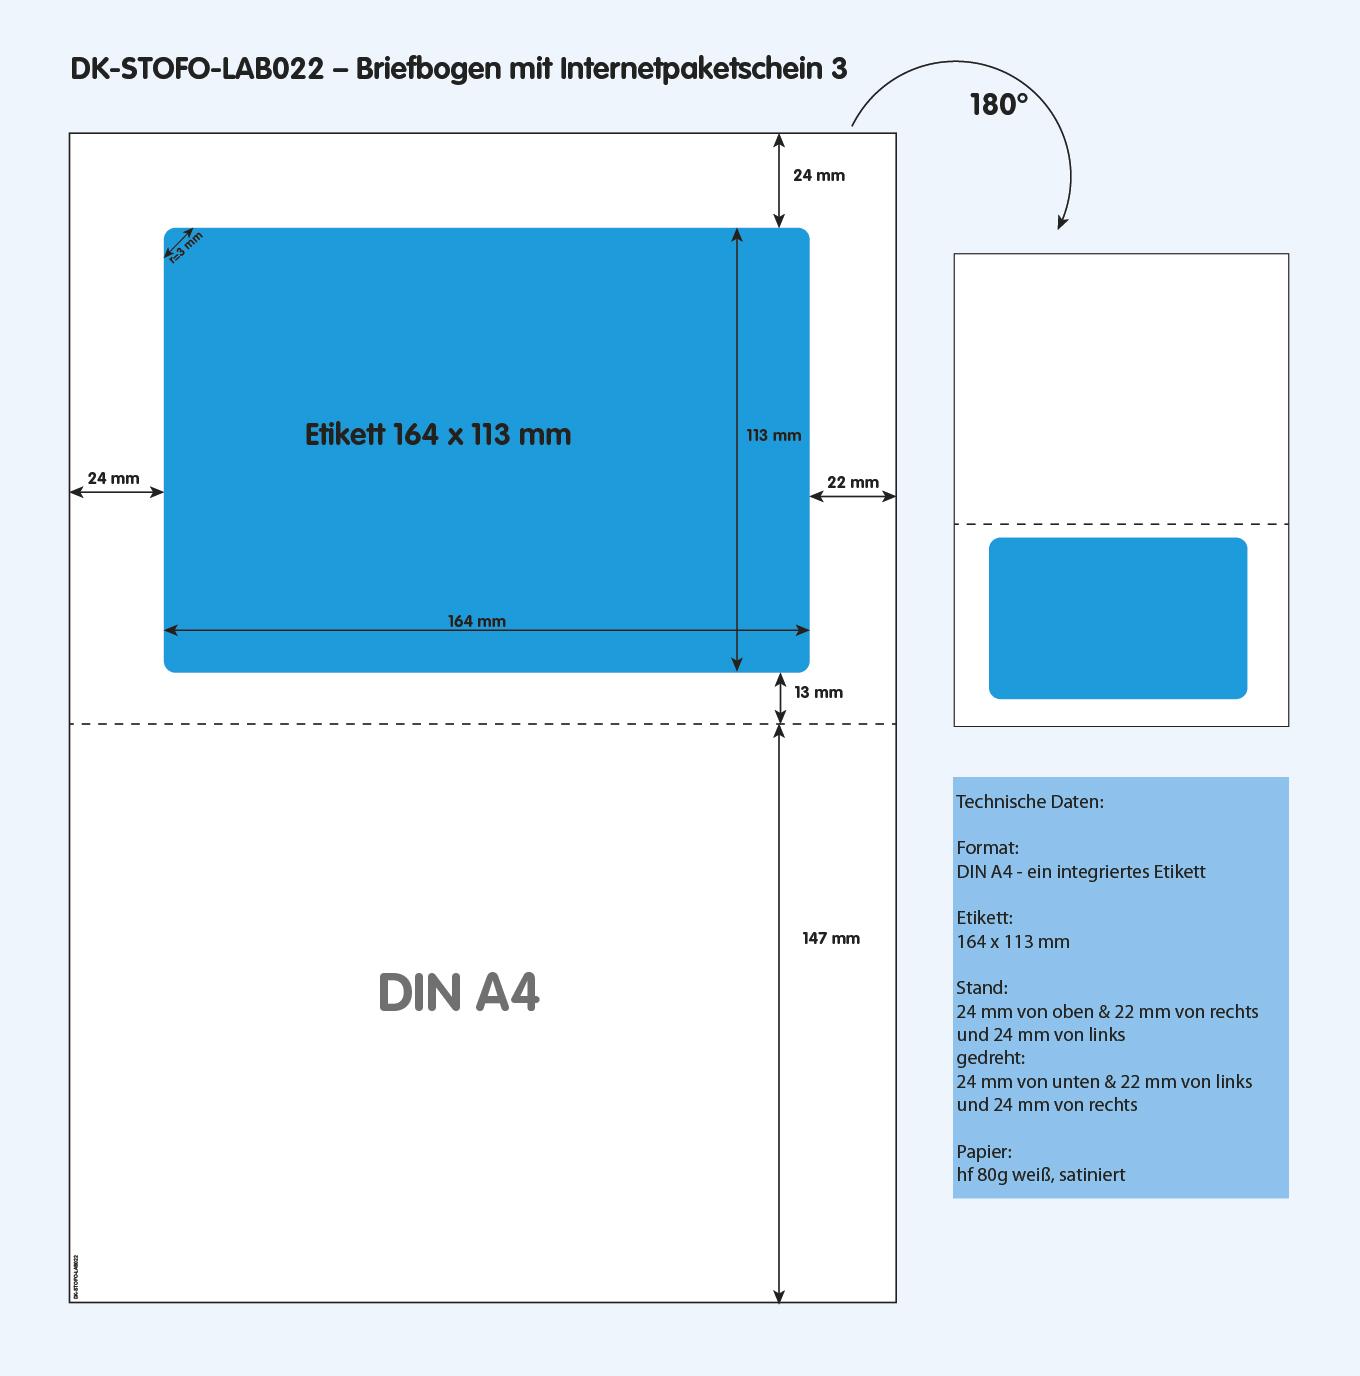 DK-STOFO-LAB022 - technische Zeichnung